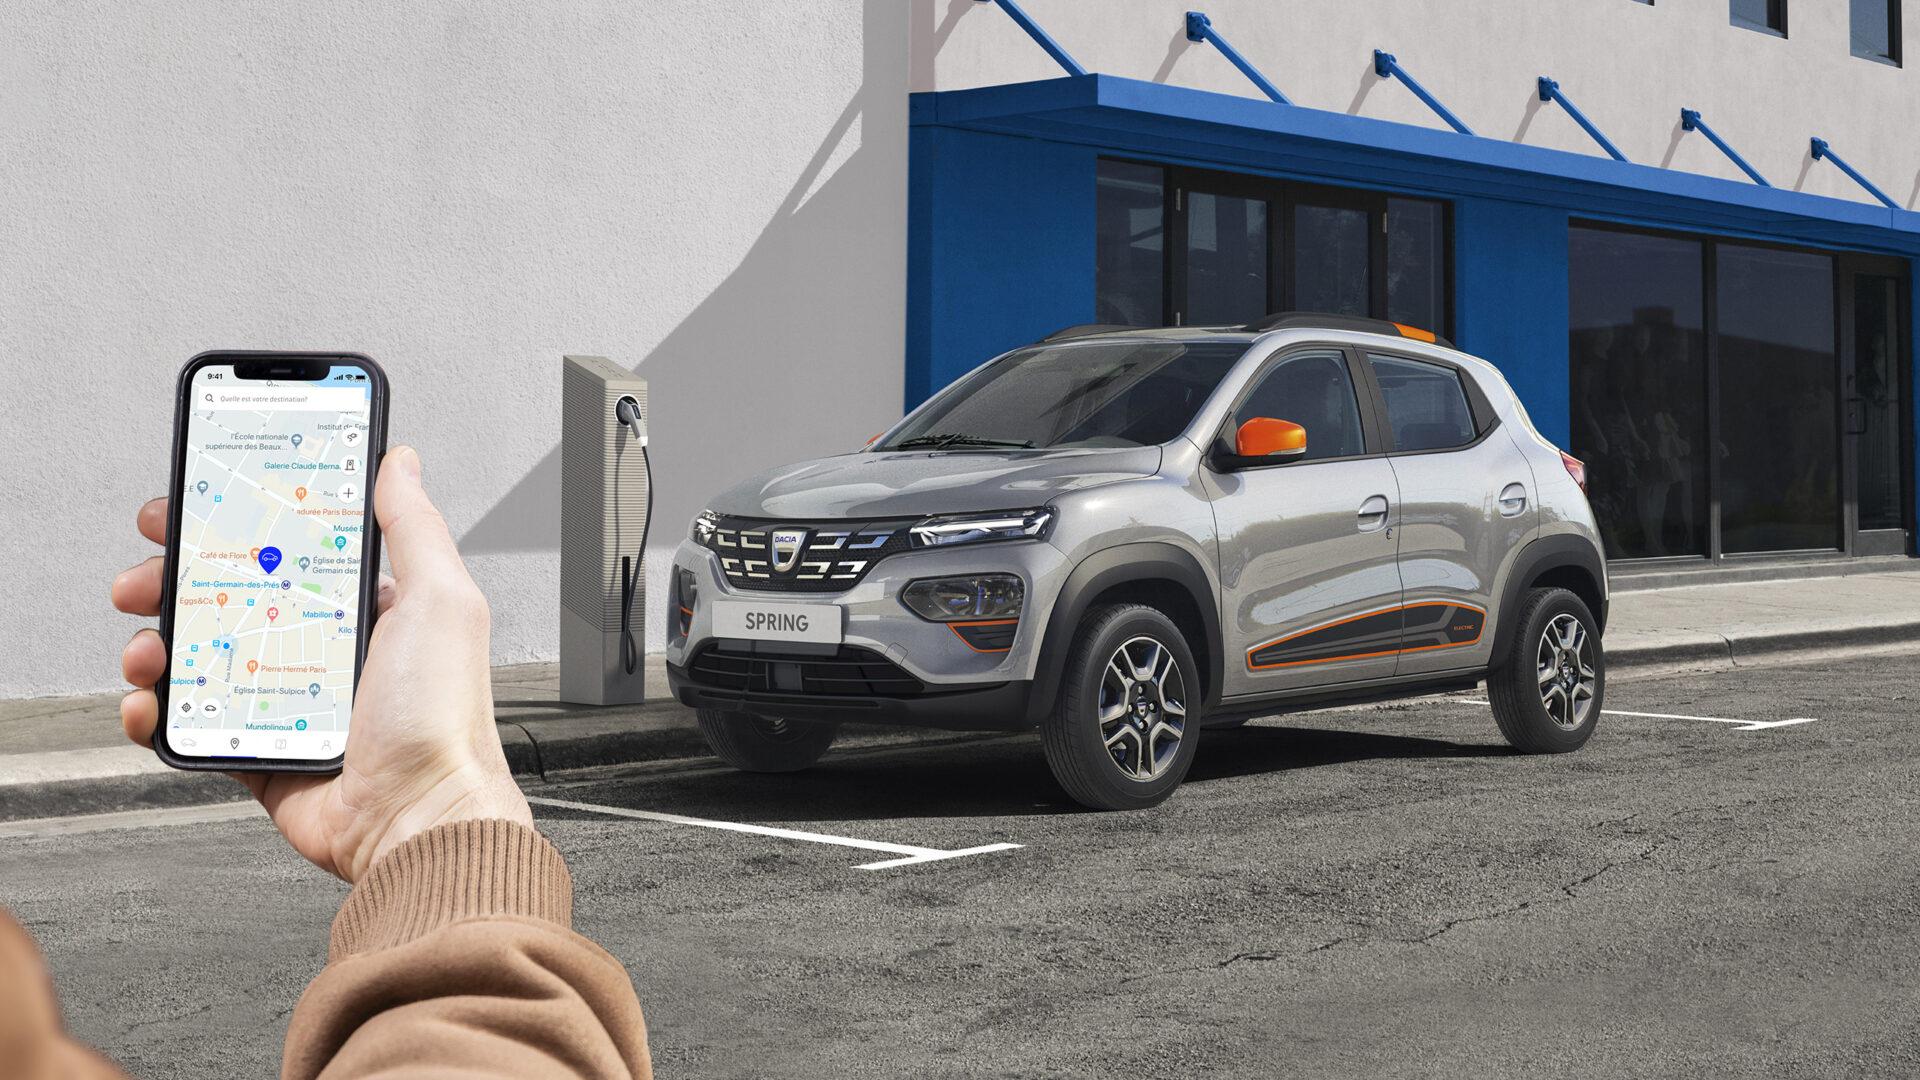 El nuevo Dacia Spring 2021 se sale: más de 500 reservas en los últimos dos meses